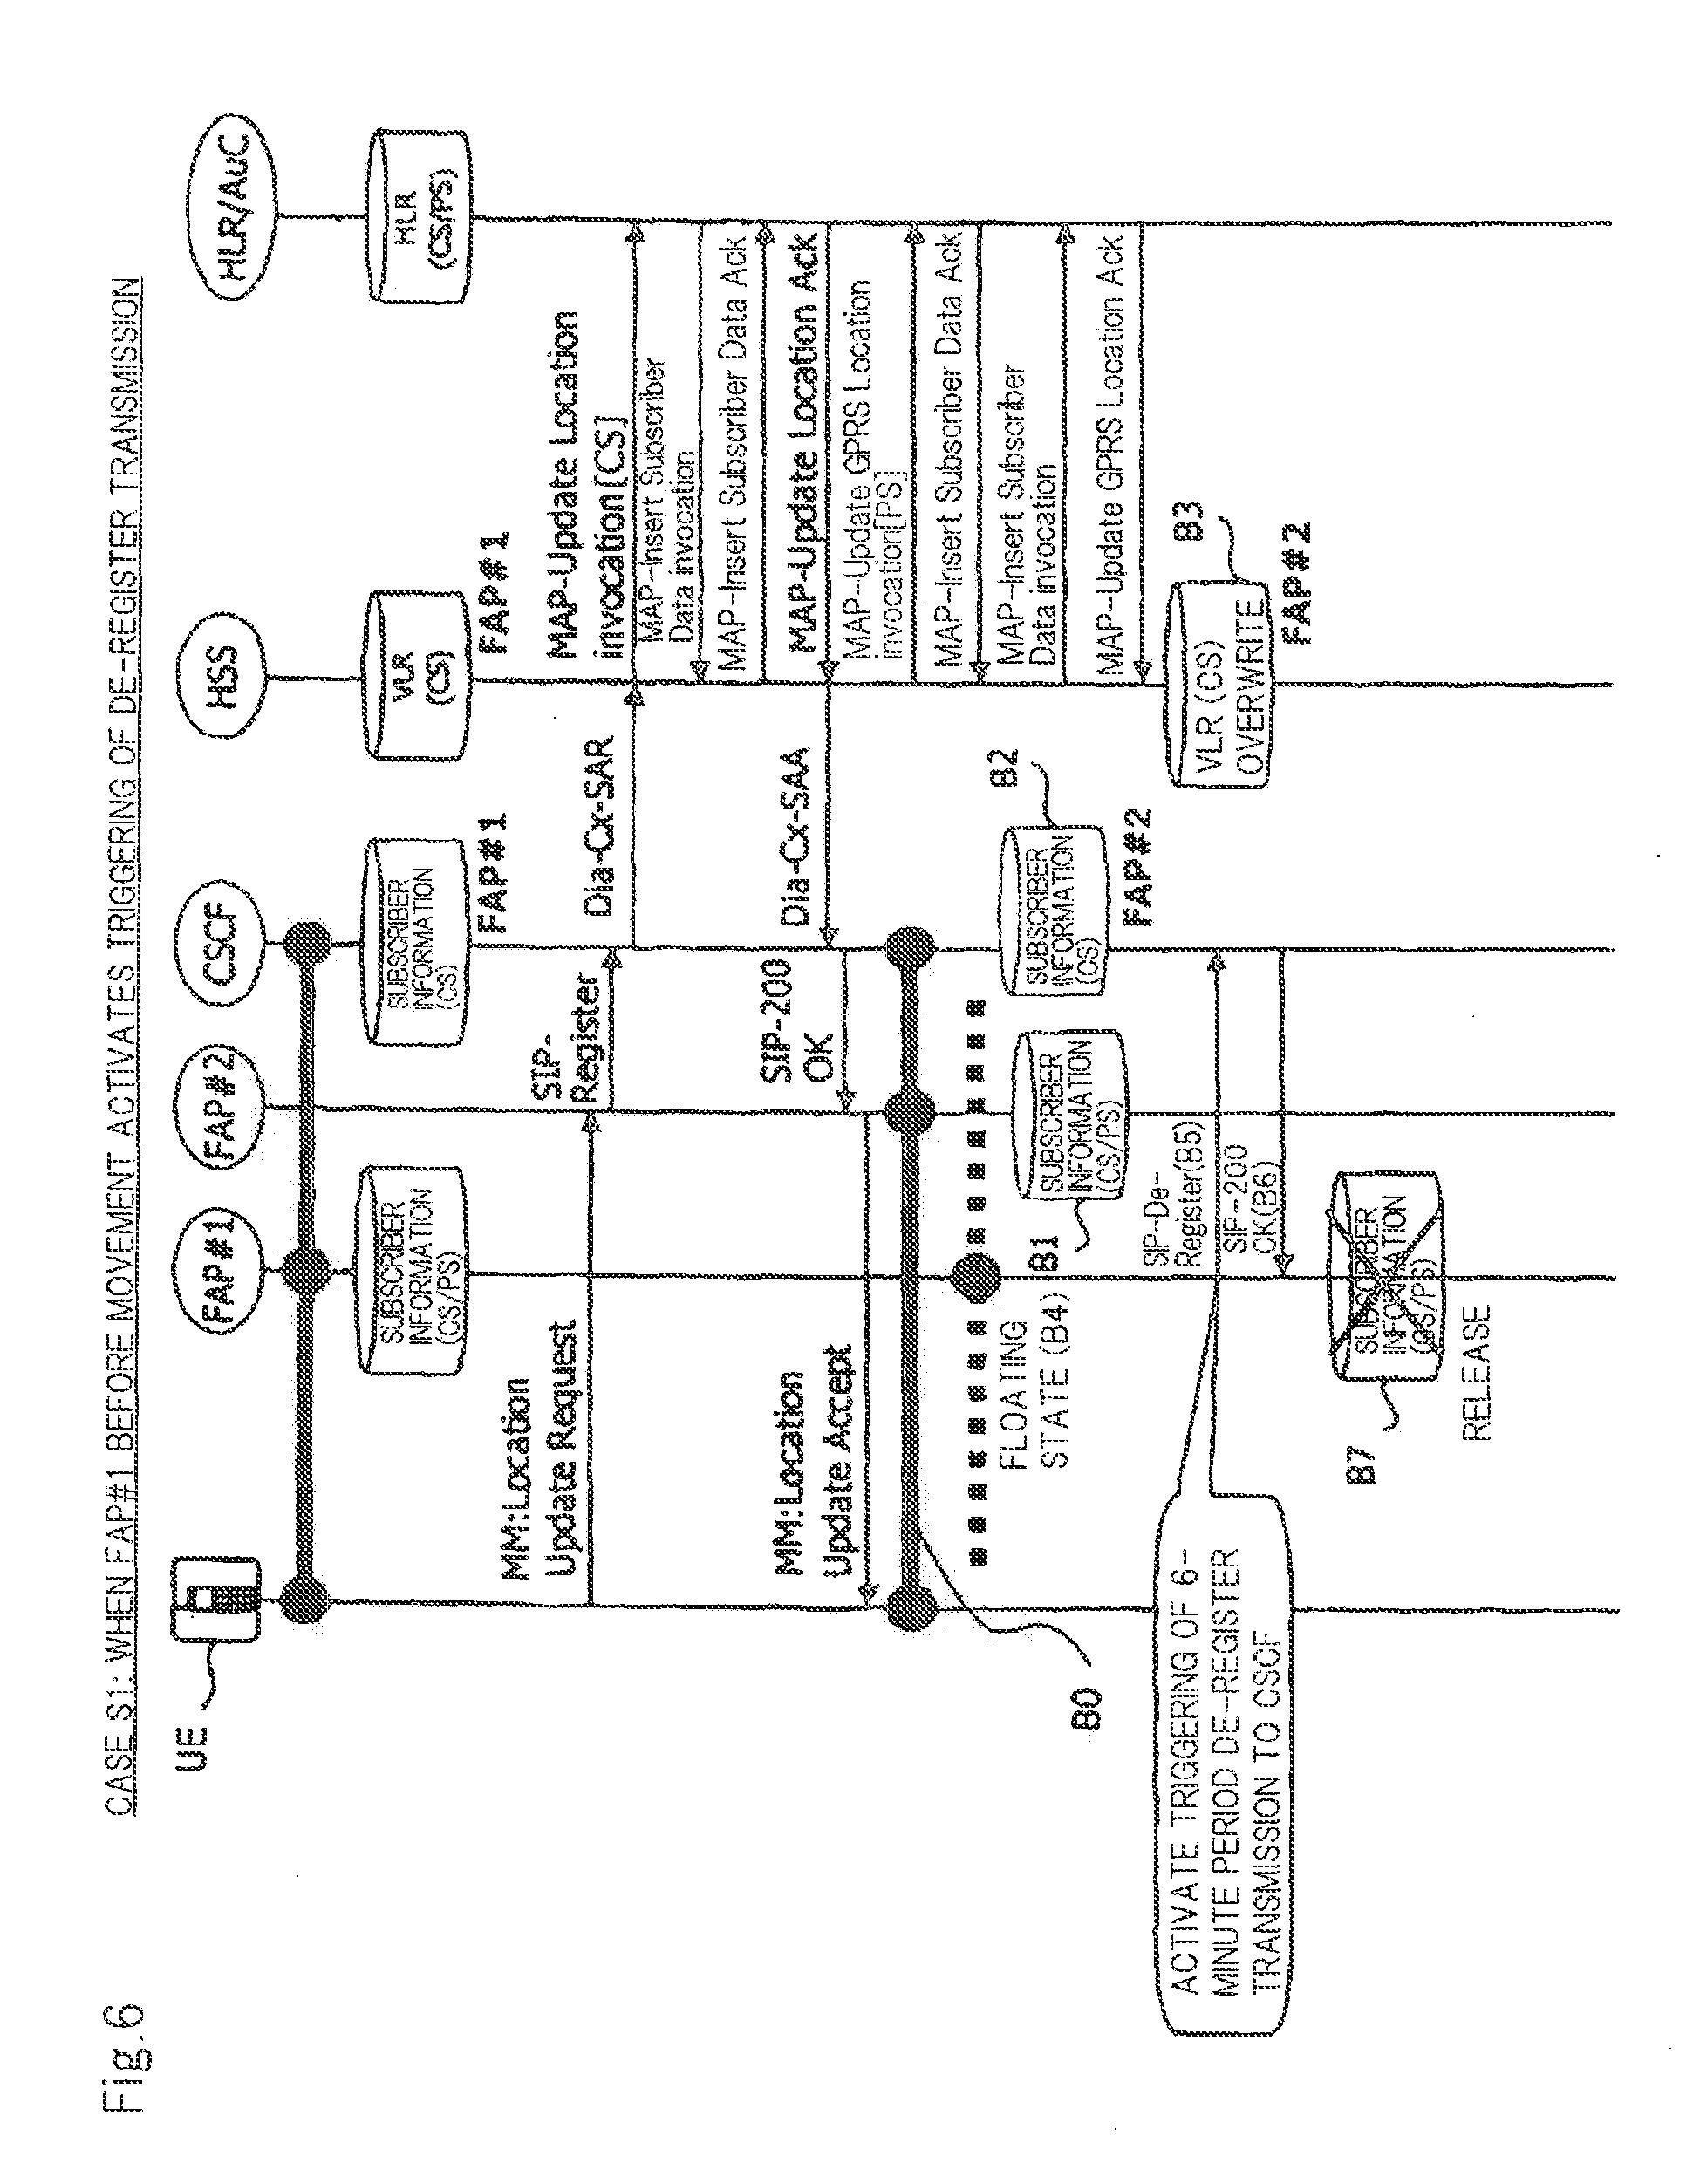 专利ep2421289a1 - femtocell